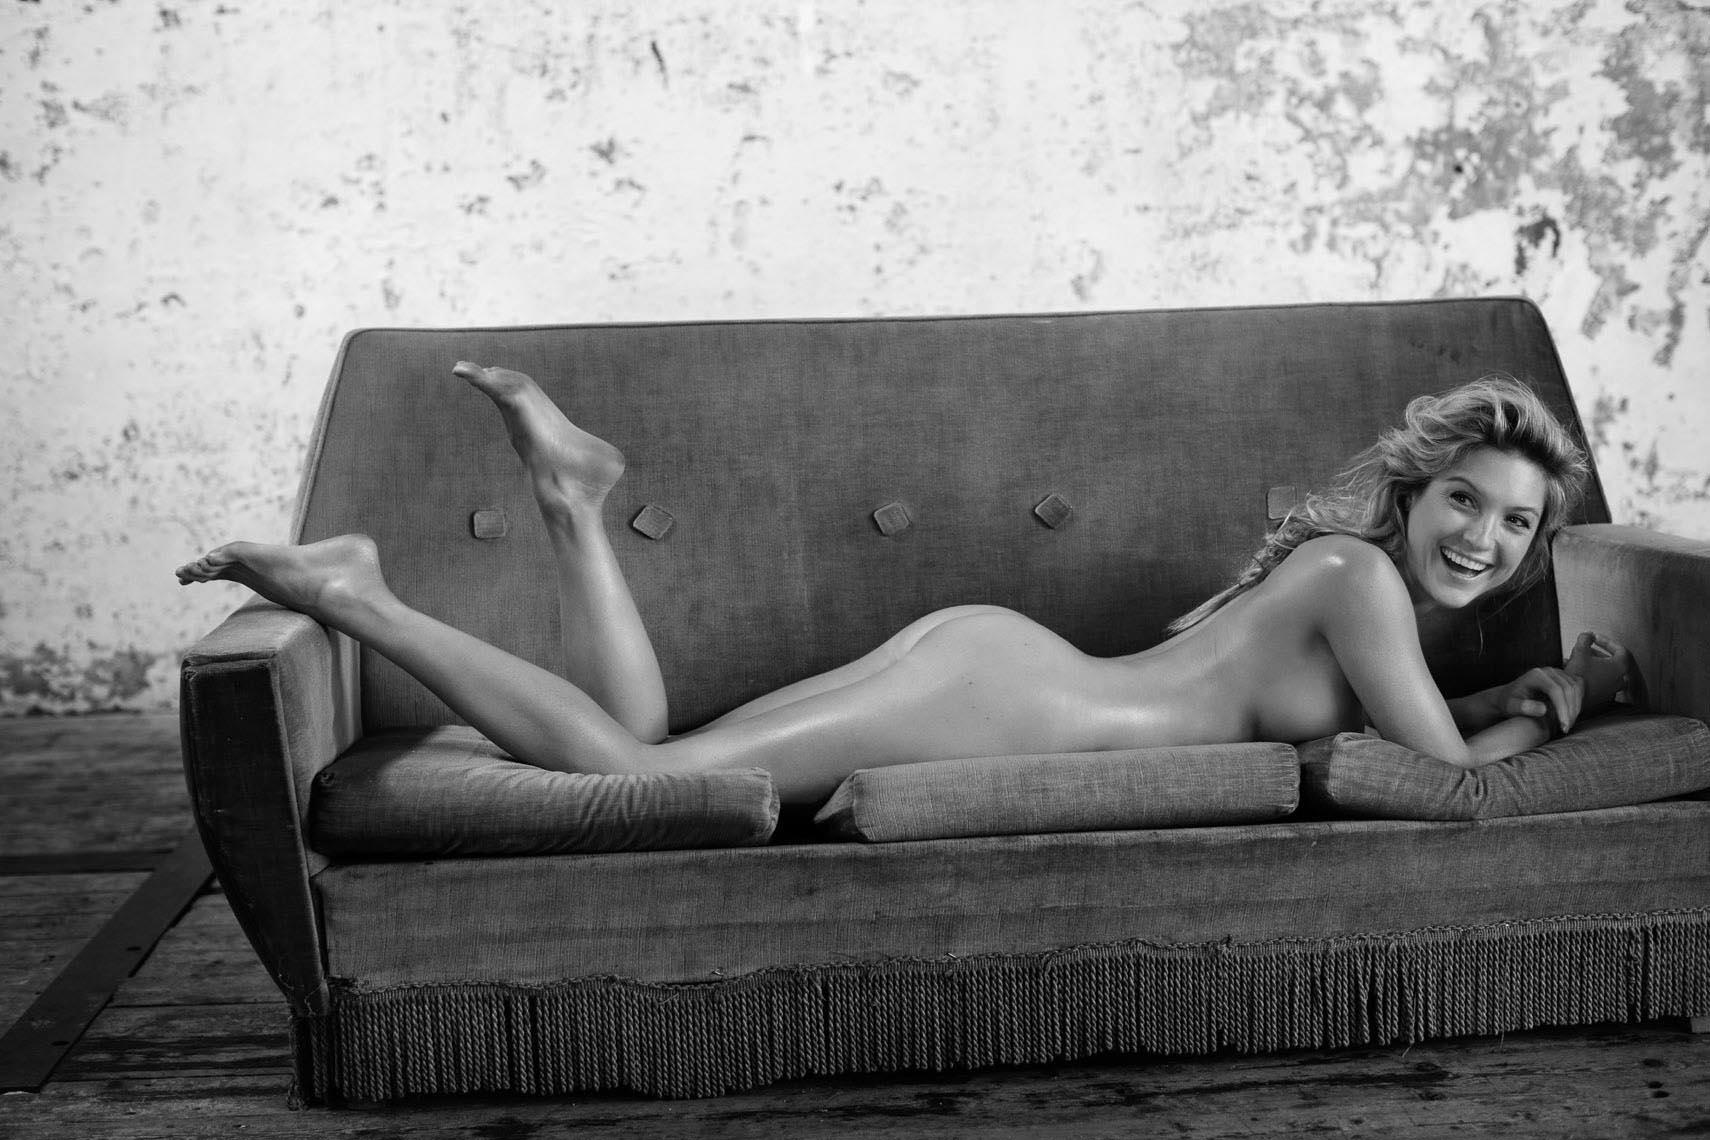 Nude Danielle Vedovelli